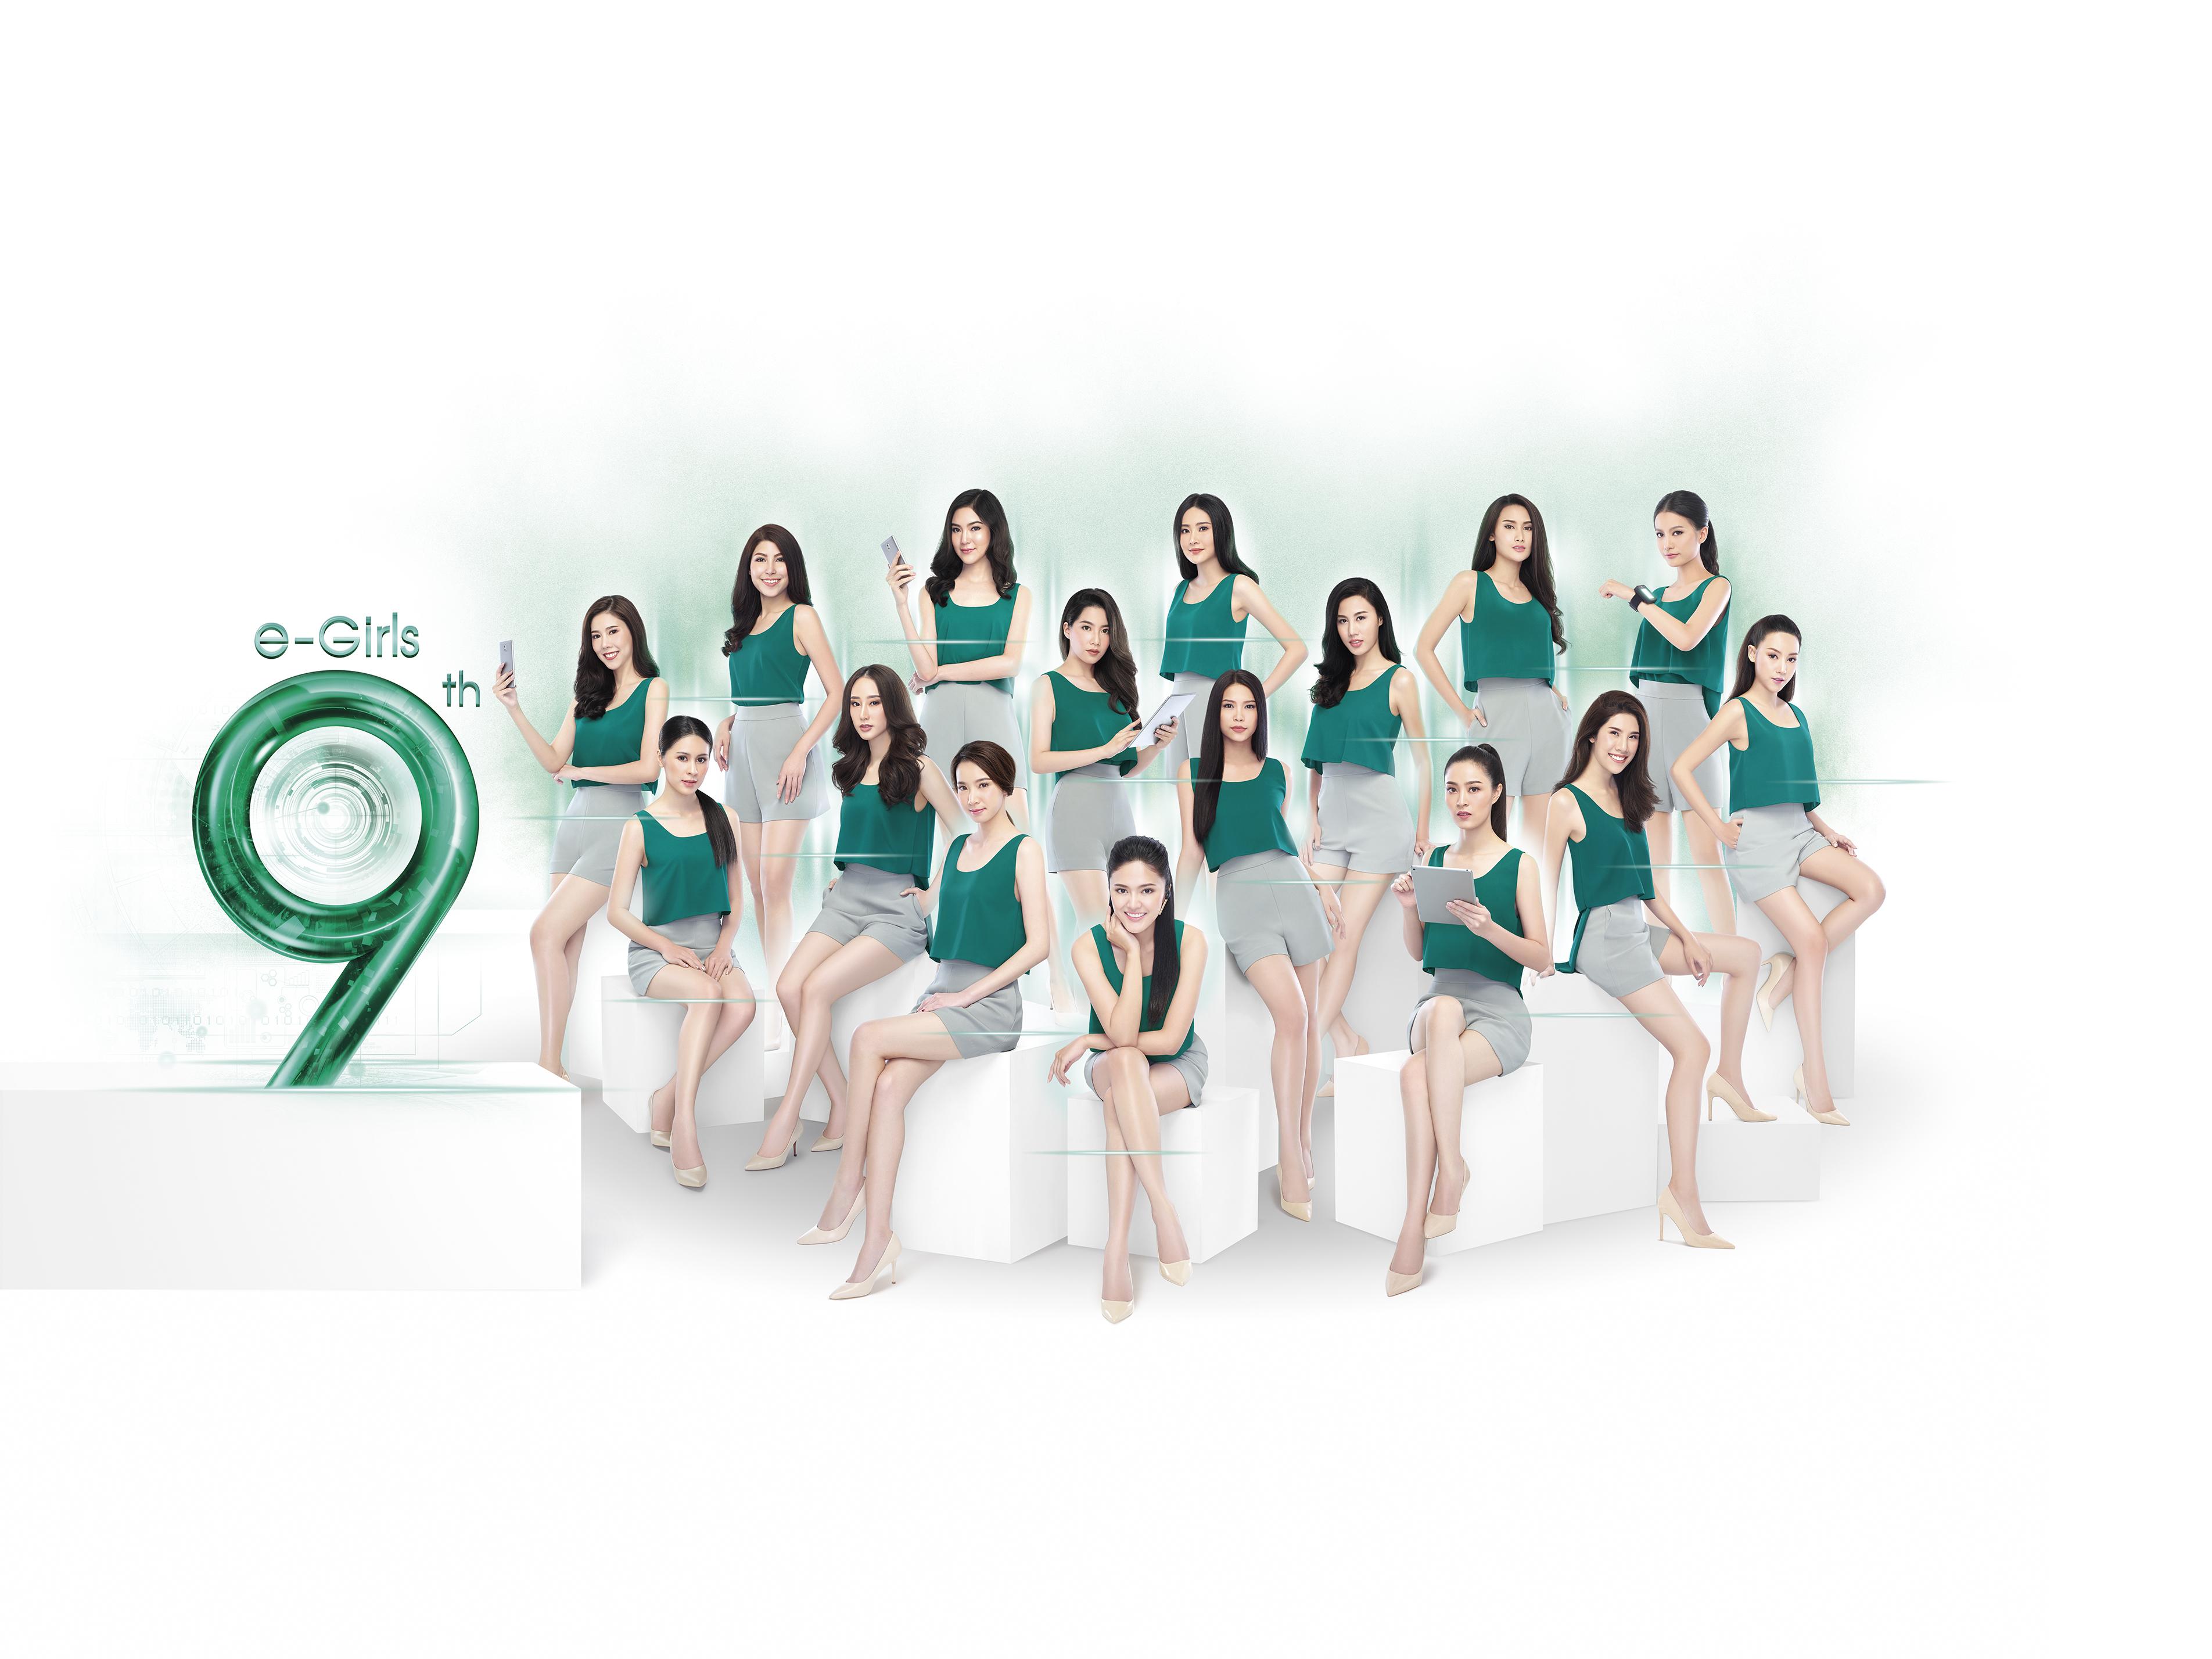 e-Girls16